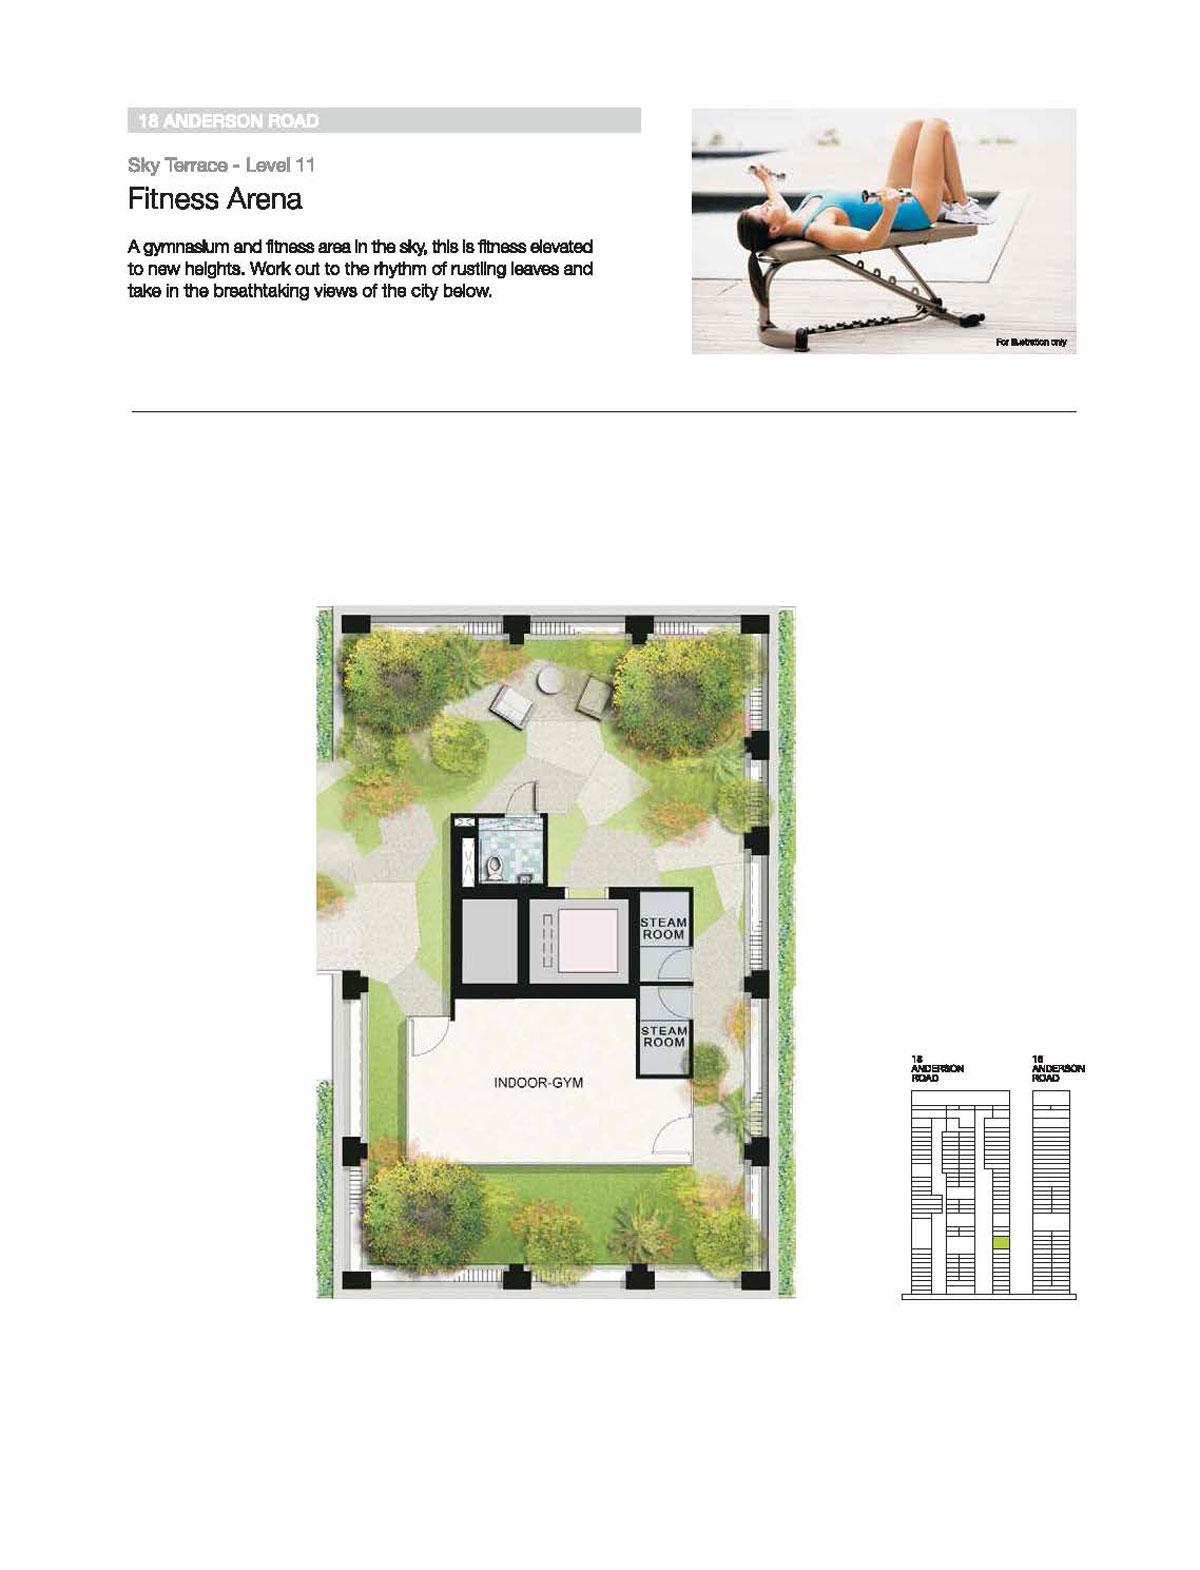 Nouvel-18-Site-Plan5.jpg